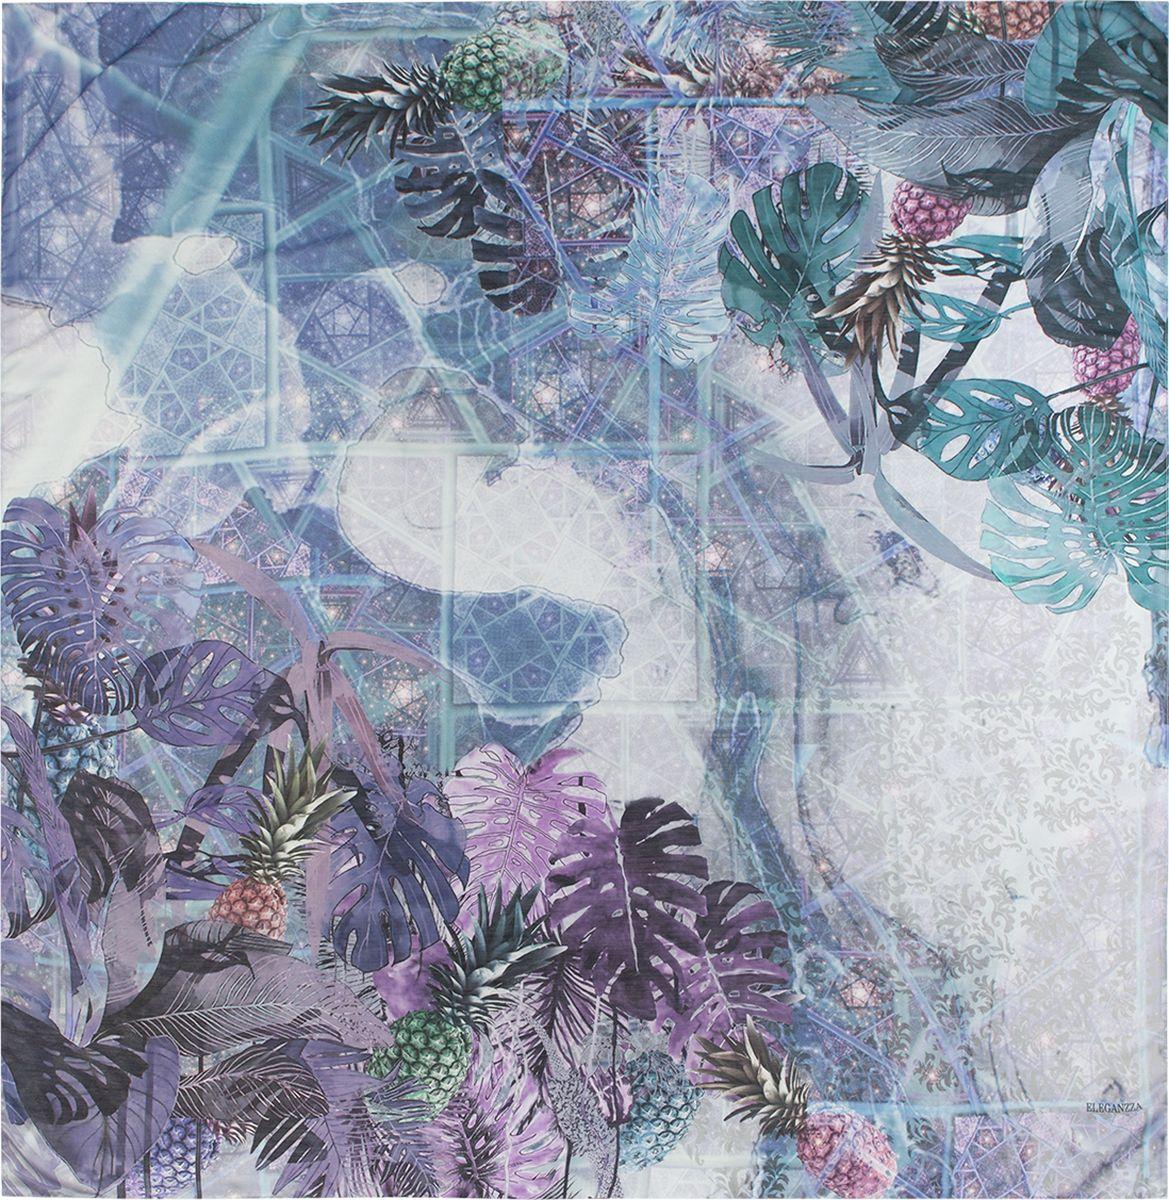 Платок женский Eleganzza, цвет: синий. R22-5034. Размер 120 см х 120 смR22-5034Платок Eleganzza, выполненный из шелка с добавлением хлопка, внесет яркий акцент в ваш образ. Модель оформлена оригинальным принтом.Классическая квадратная форма позволяет носить платок на шее, украшать им прическу или декорировать сумочку.